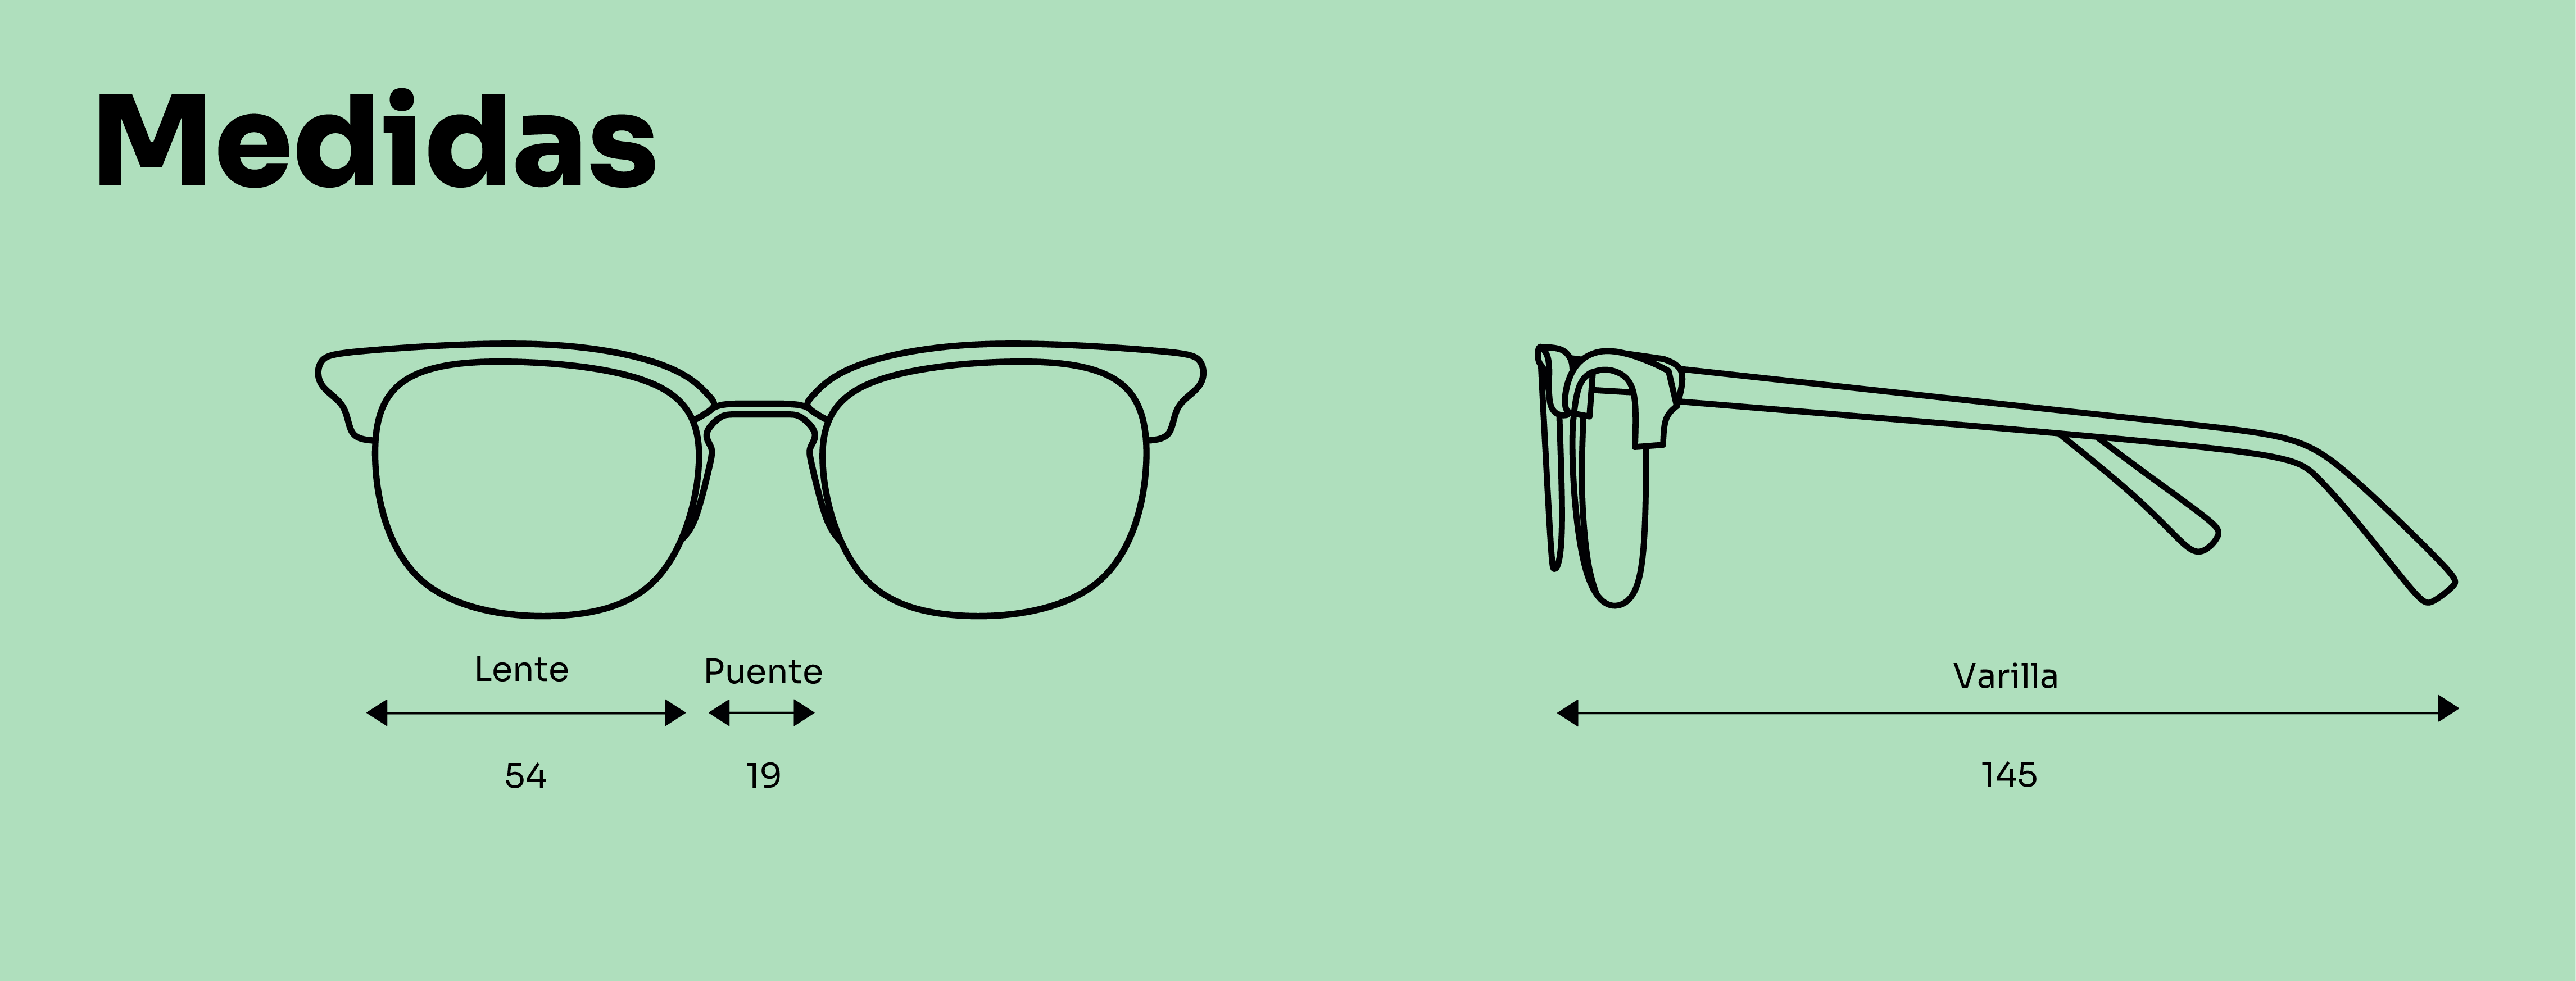 medidas-montura-de-gafas-graduadas-de-marca-vipsual